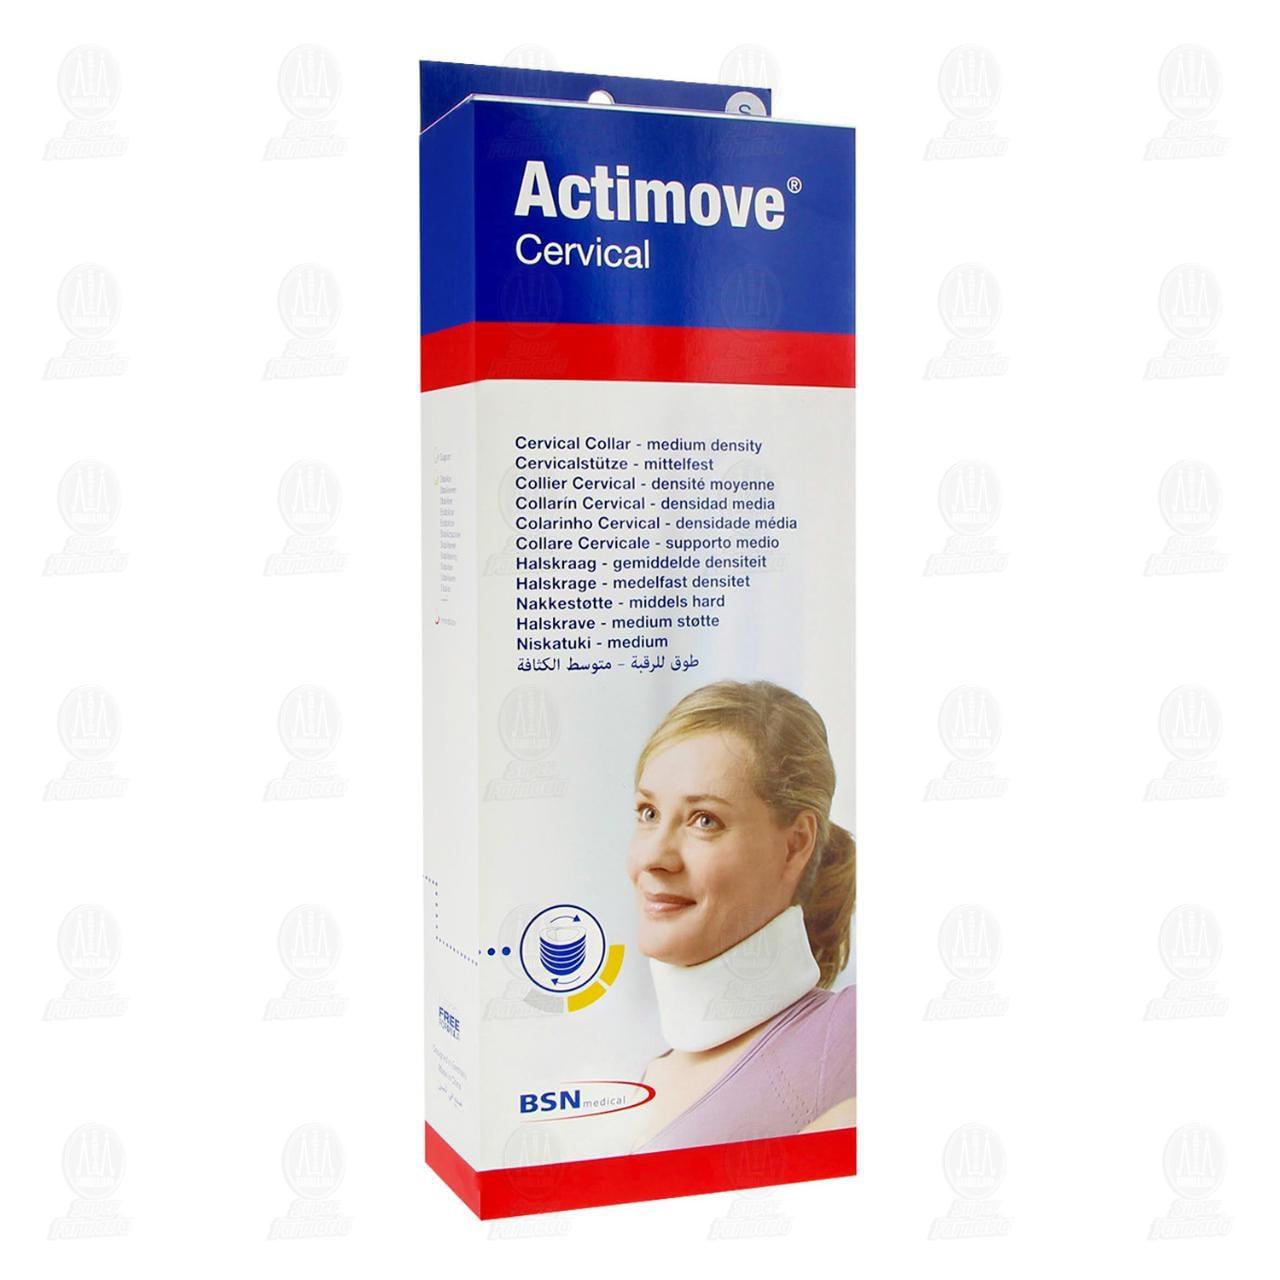 comprar https://www.movil.farmaciasguadalajara.com/wcsstore/FGCAS/wcs/products/1236083_A_1280_AL.jpg en farmacias guadalajara